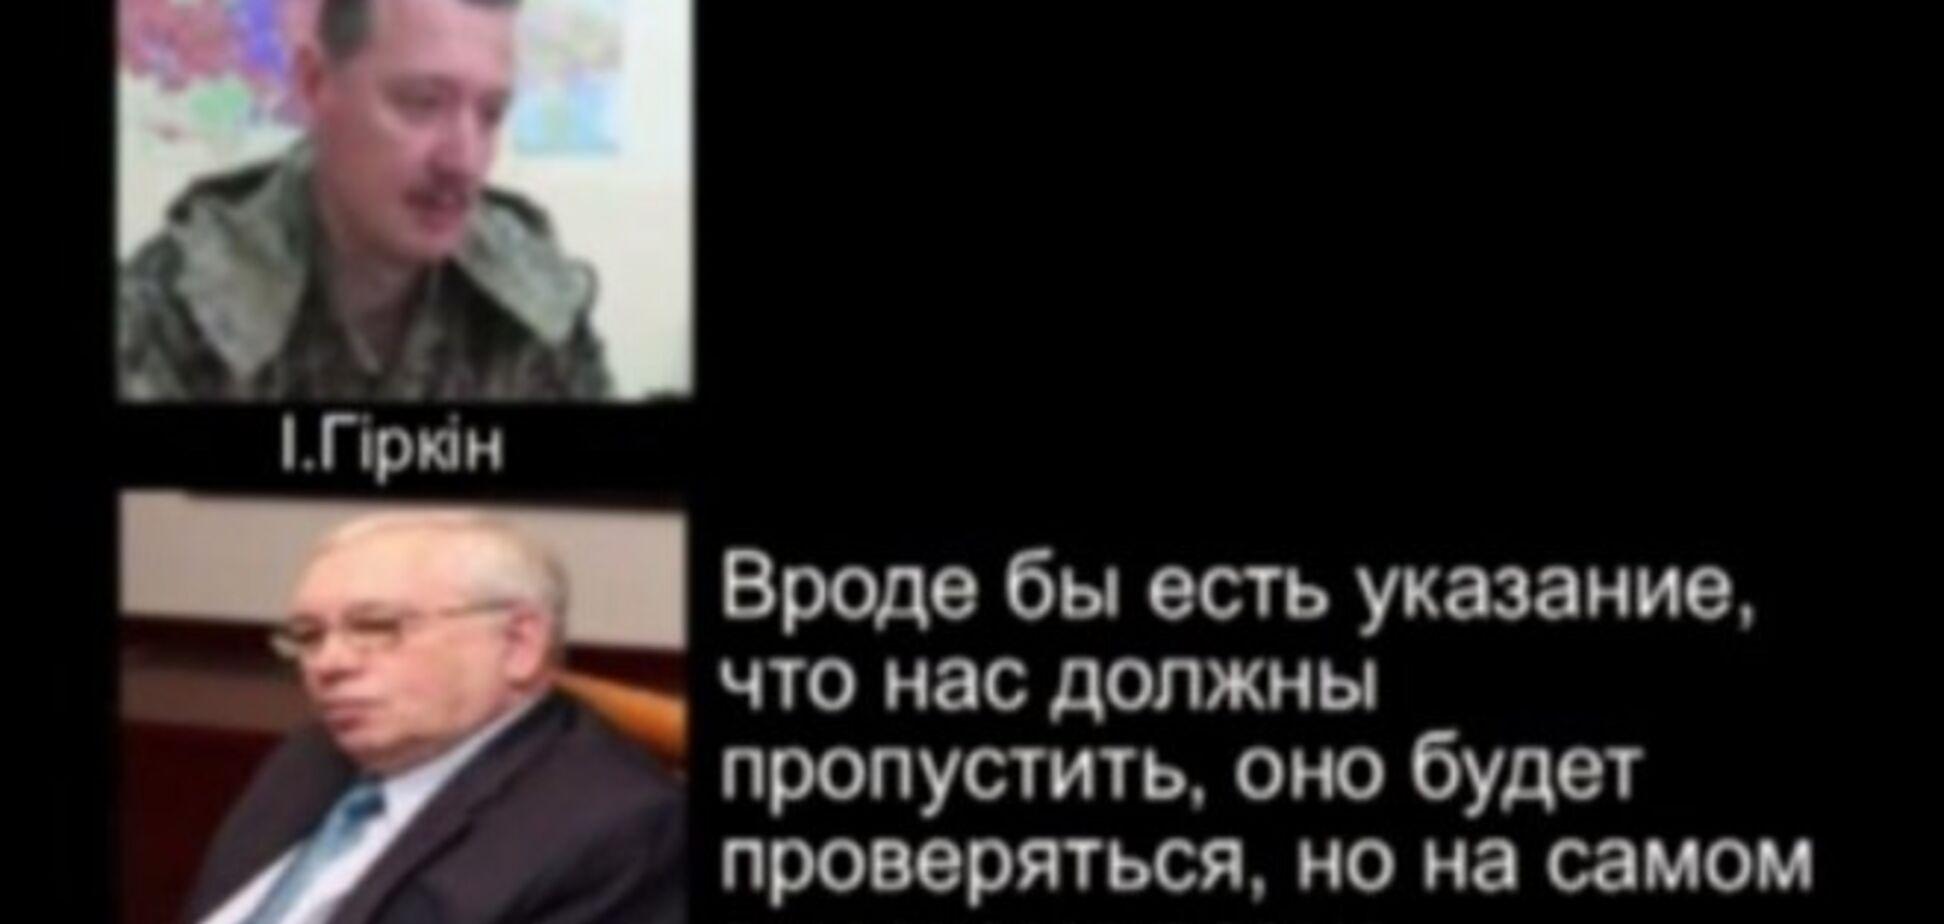 СБУ опубликовала переговоры представителя Путина и главаря славянских террористов